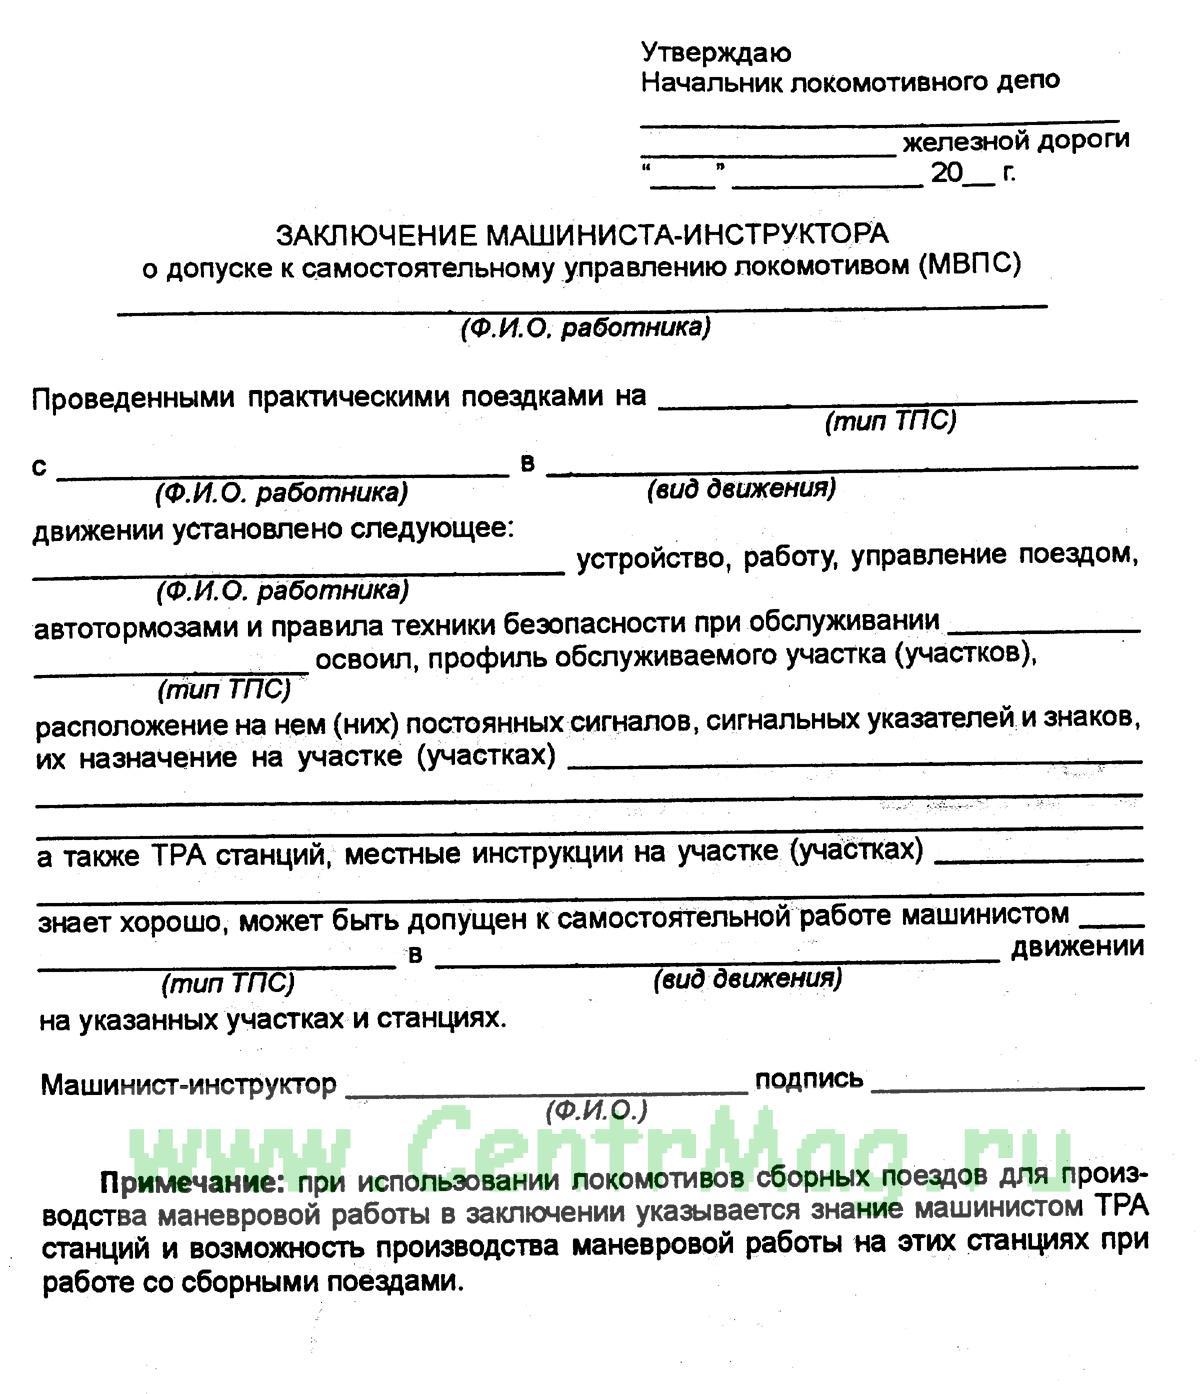 Самостоятельное путешествие по Крыму в сентябре